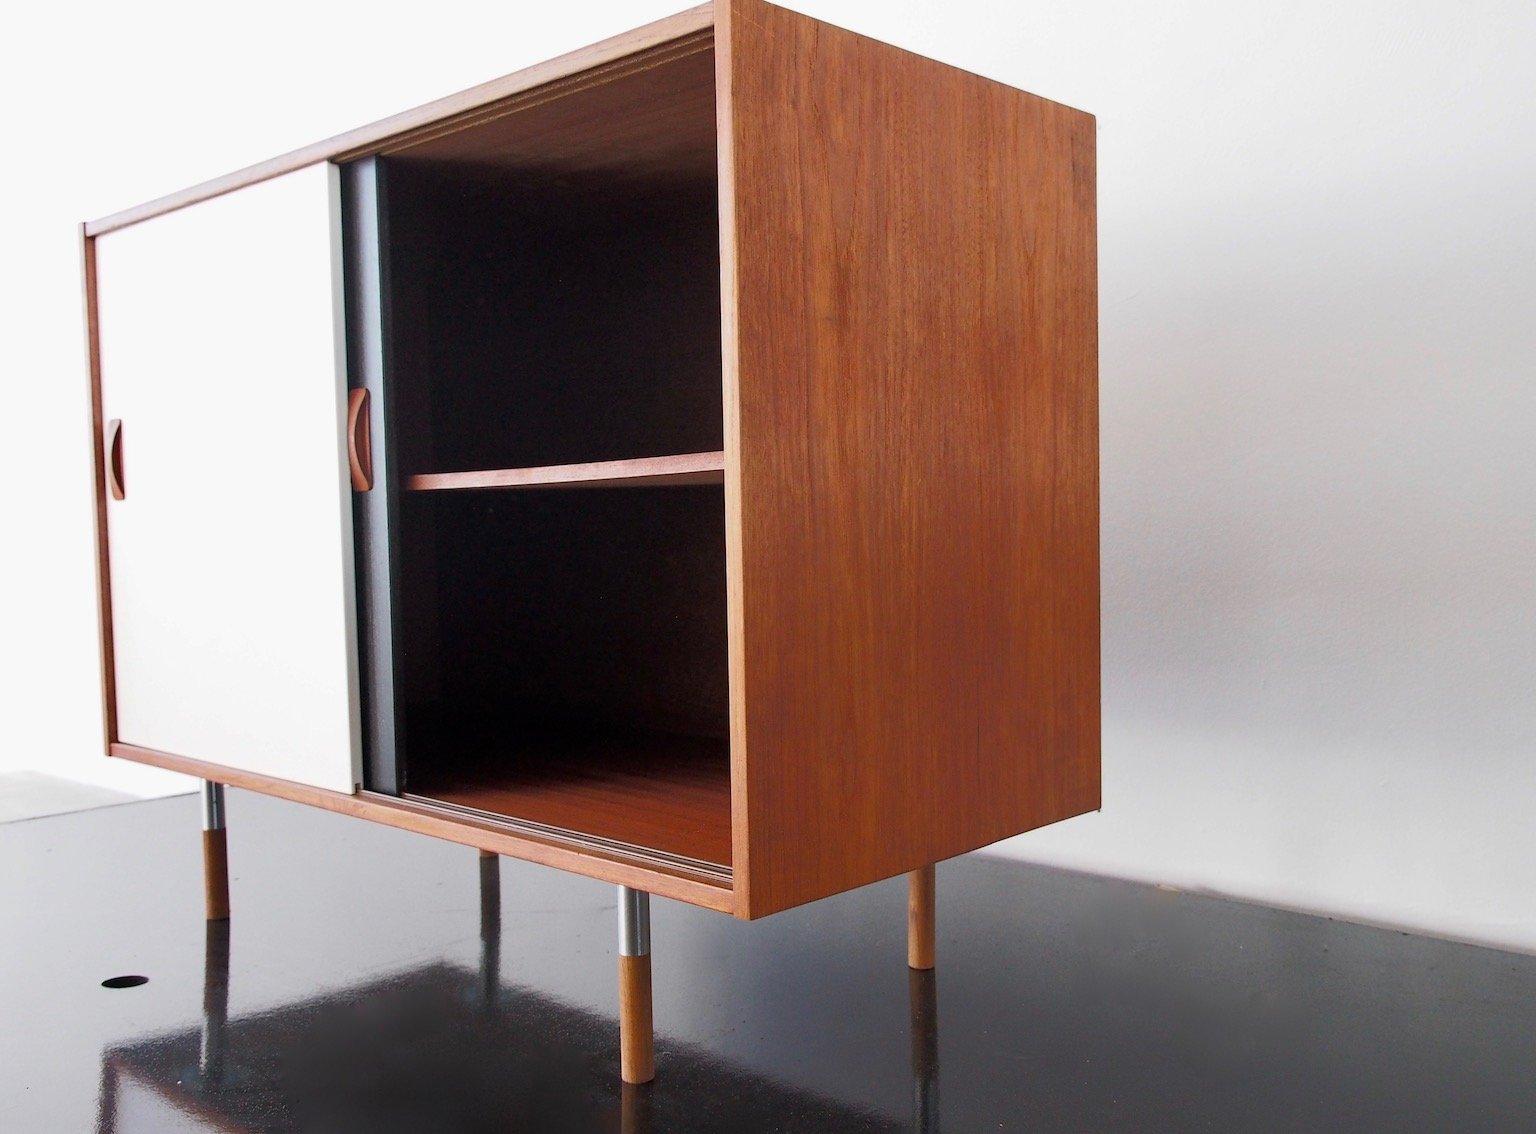 kleines teak sideboard mit schiebet ren in schwarz wei von clausen s n 1960er bei pamono. Black Bedroom Furniture Sets. Home Design Ideas